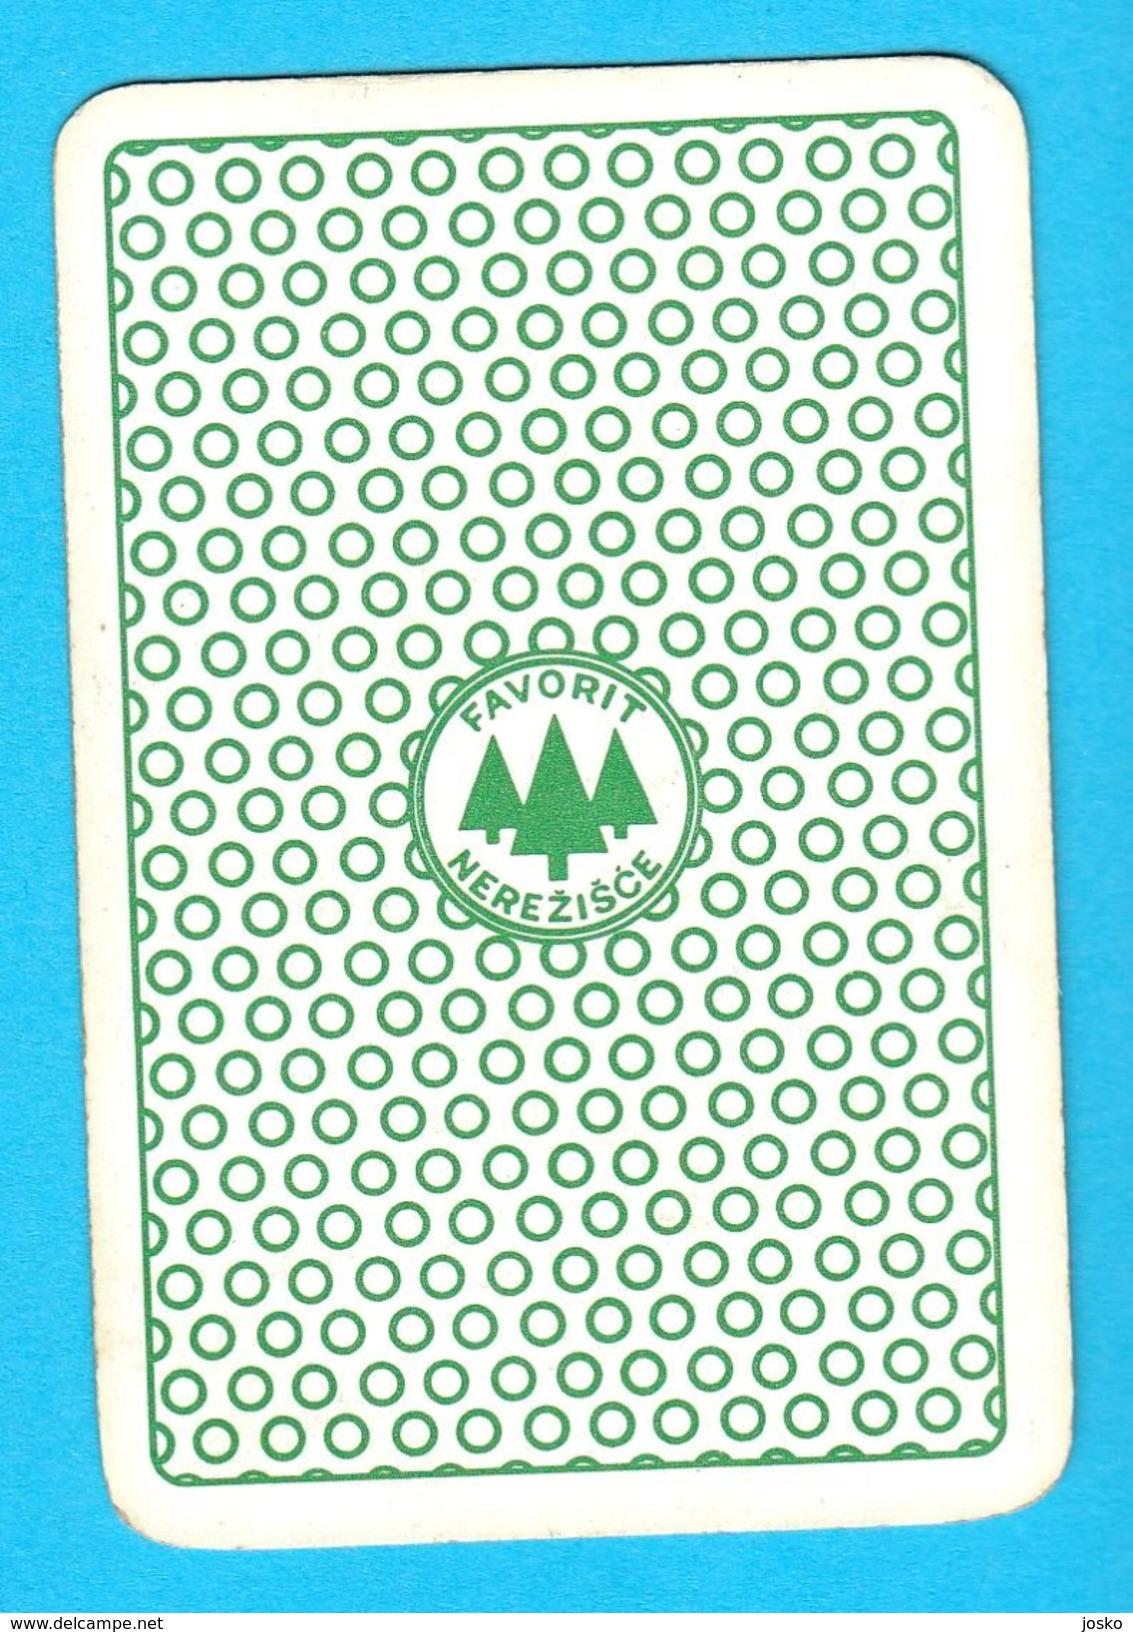 HANNA-BARBERA  - Yugoslav Vintage Playing Card No. 6 Issued 1970's By Favorit * Carte à Jouer Spielkarte SHERIFF - Spielkarten